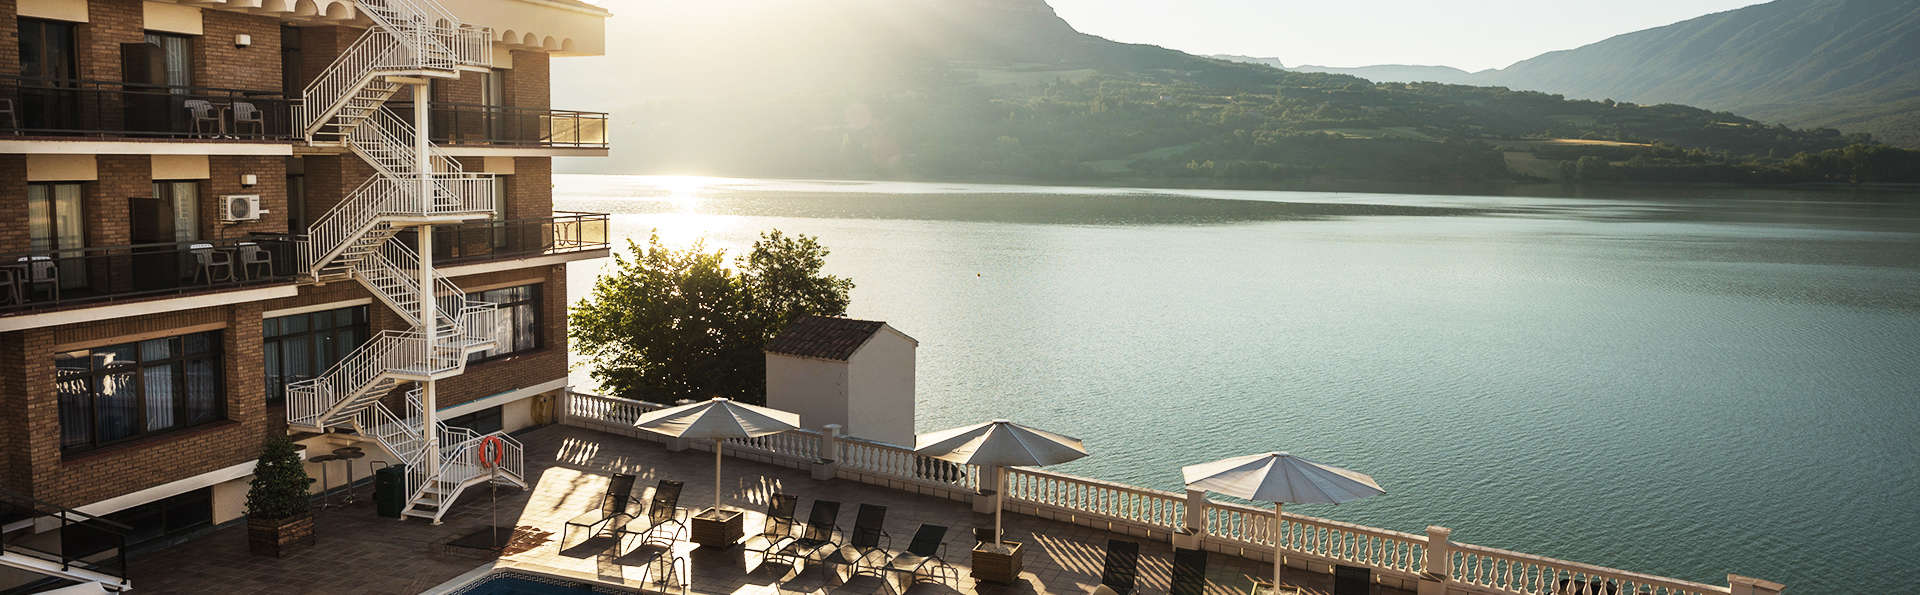 Disfruta de las vistas del Lago Terradets en habitación con terraza con pétalos de rosa